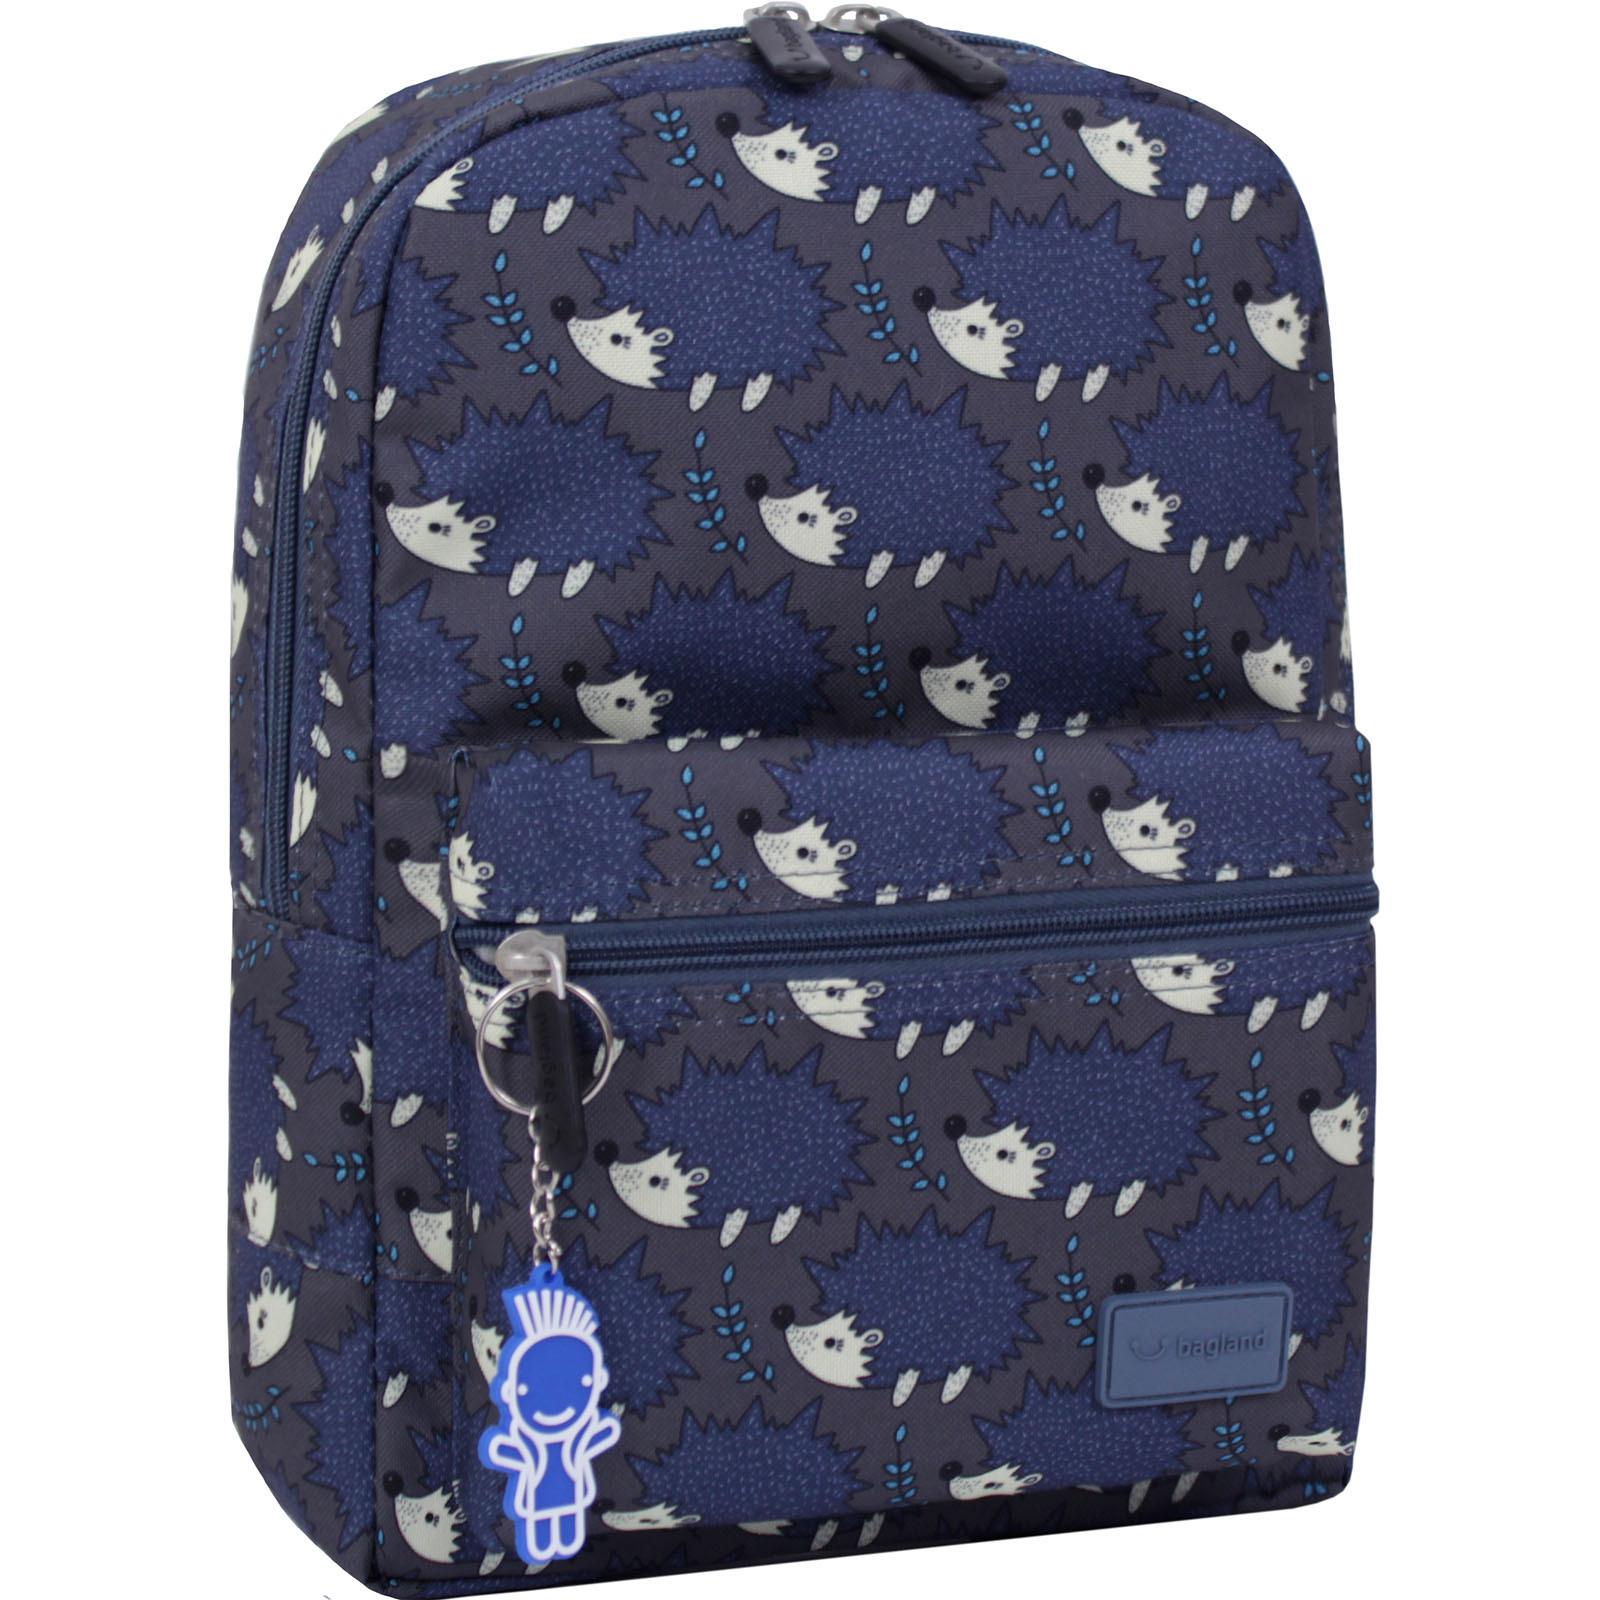 Детские рюкзаки Рюкзак Bagland Молодежный mini 8 л. сублимация 481 (00508664) IMG_3747_суб.481_.JPG